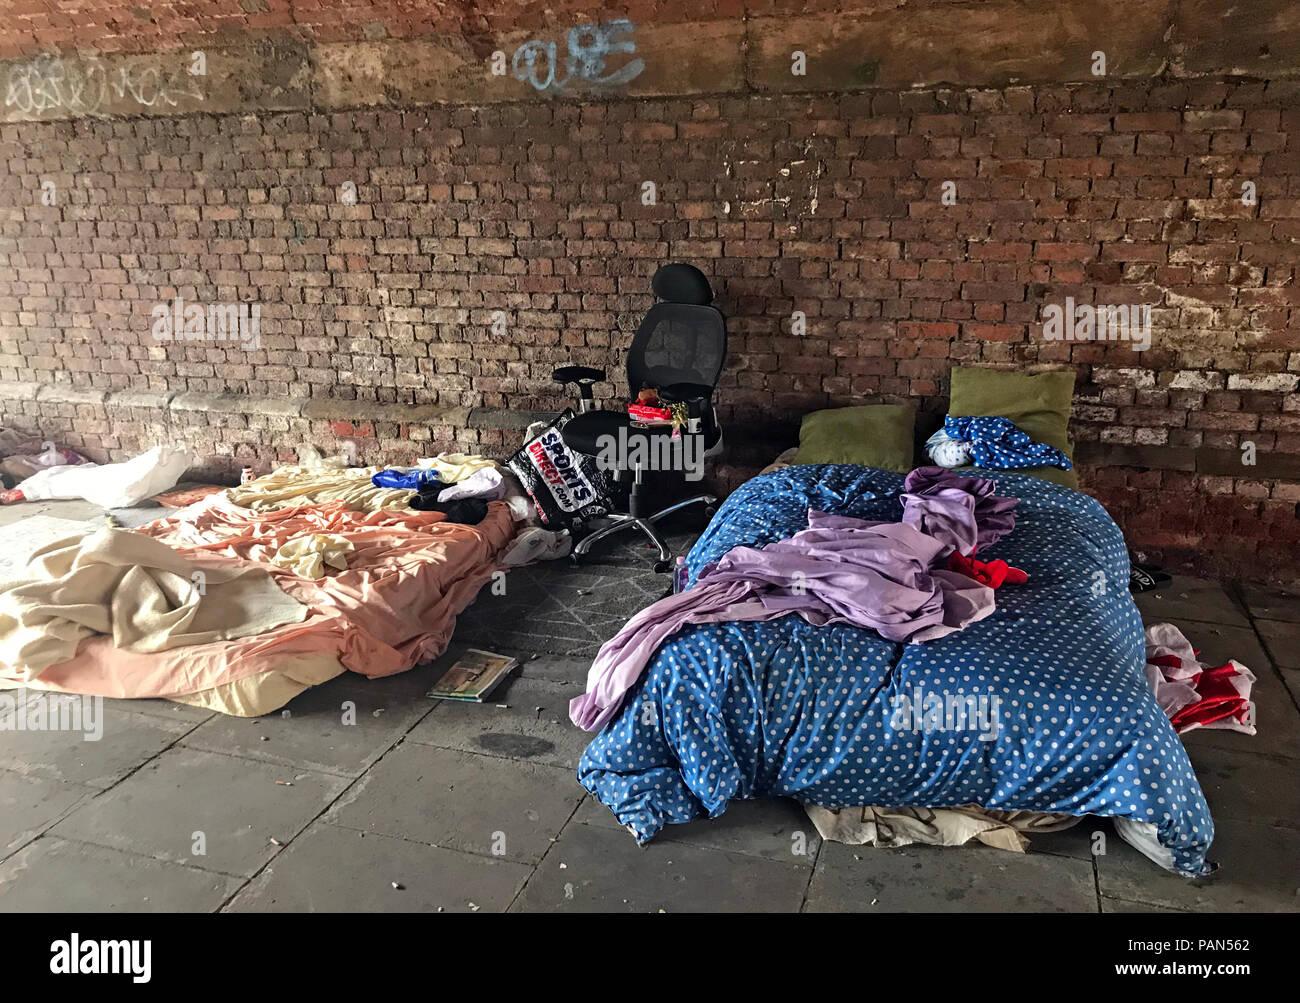 Laden Sie dieses Alamy Stockfoto Obdachlose Rough Sleepers Bett unter Eisenbahnviadukt, Castlefield, Manchester, North West England, Großbritannien - PAN562